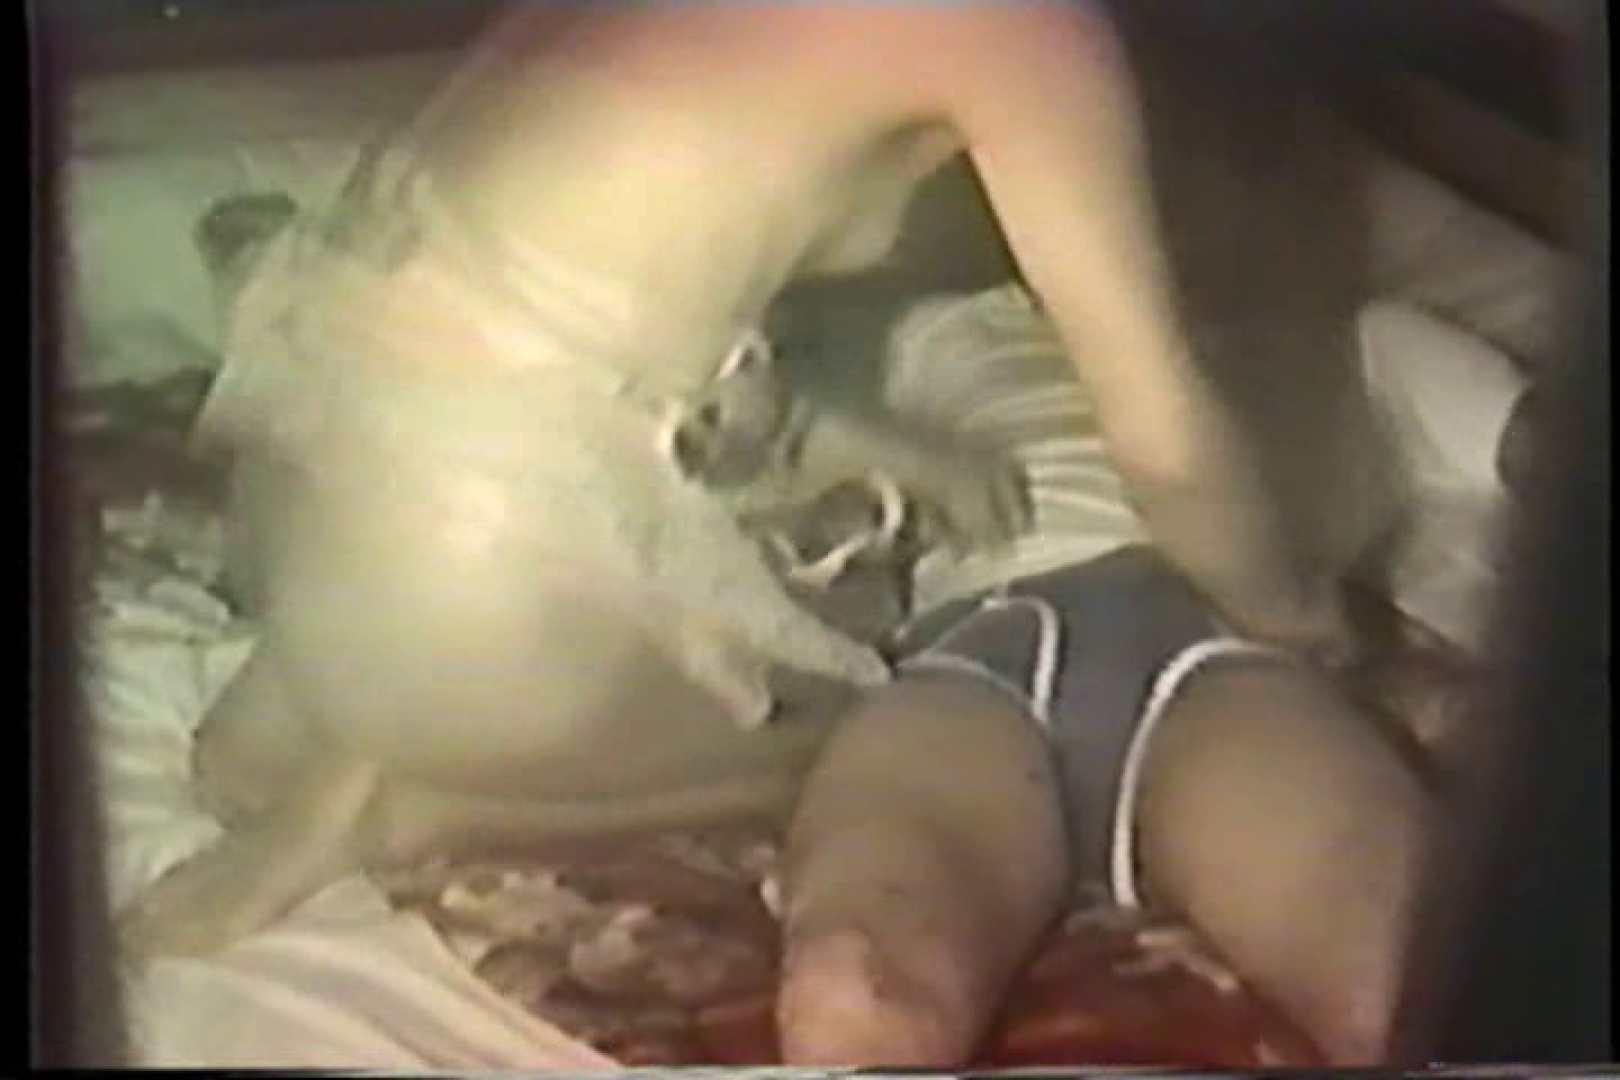 実録!ラブホテル~消し忘れ注意!昭和の色編~ vol.11 カップル映像 おまんこ無修正動画無料 79PIX 9